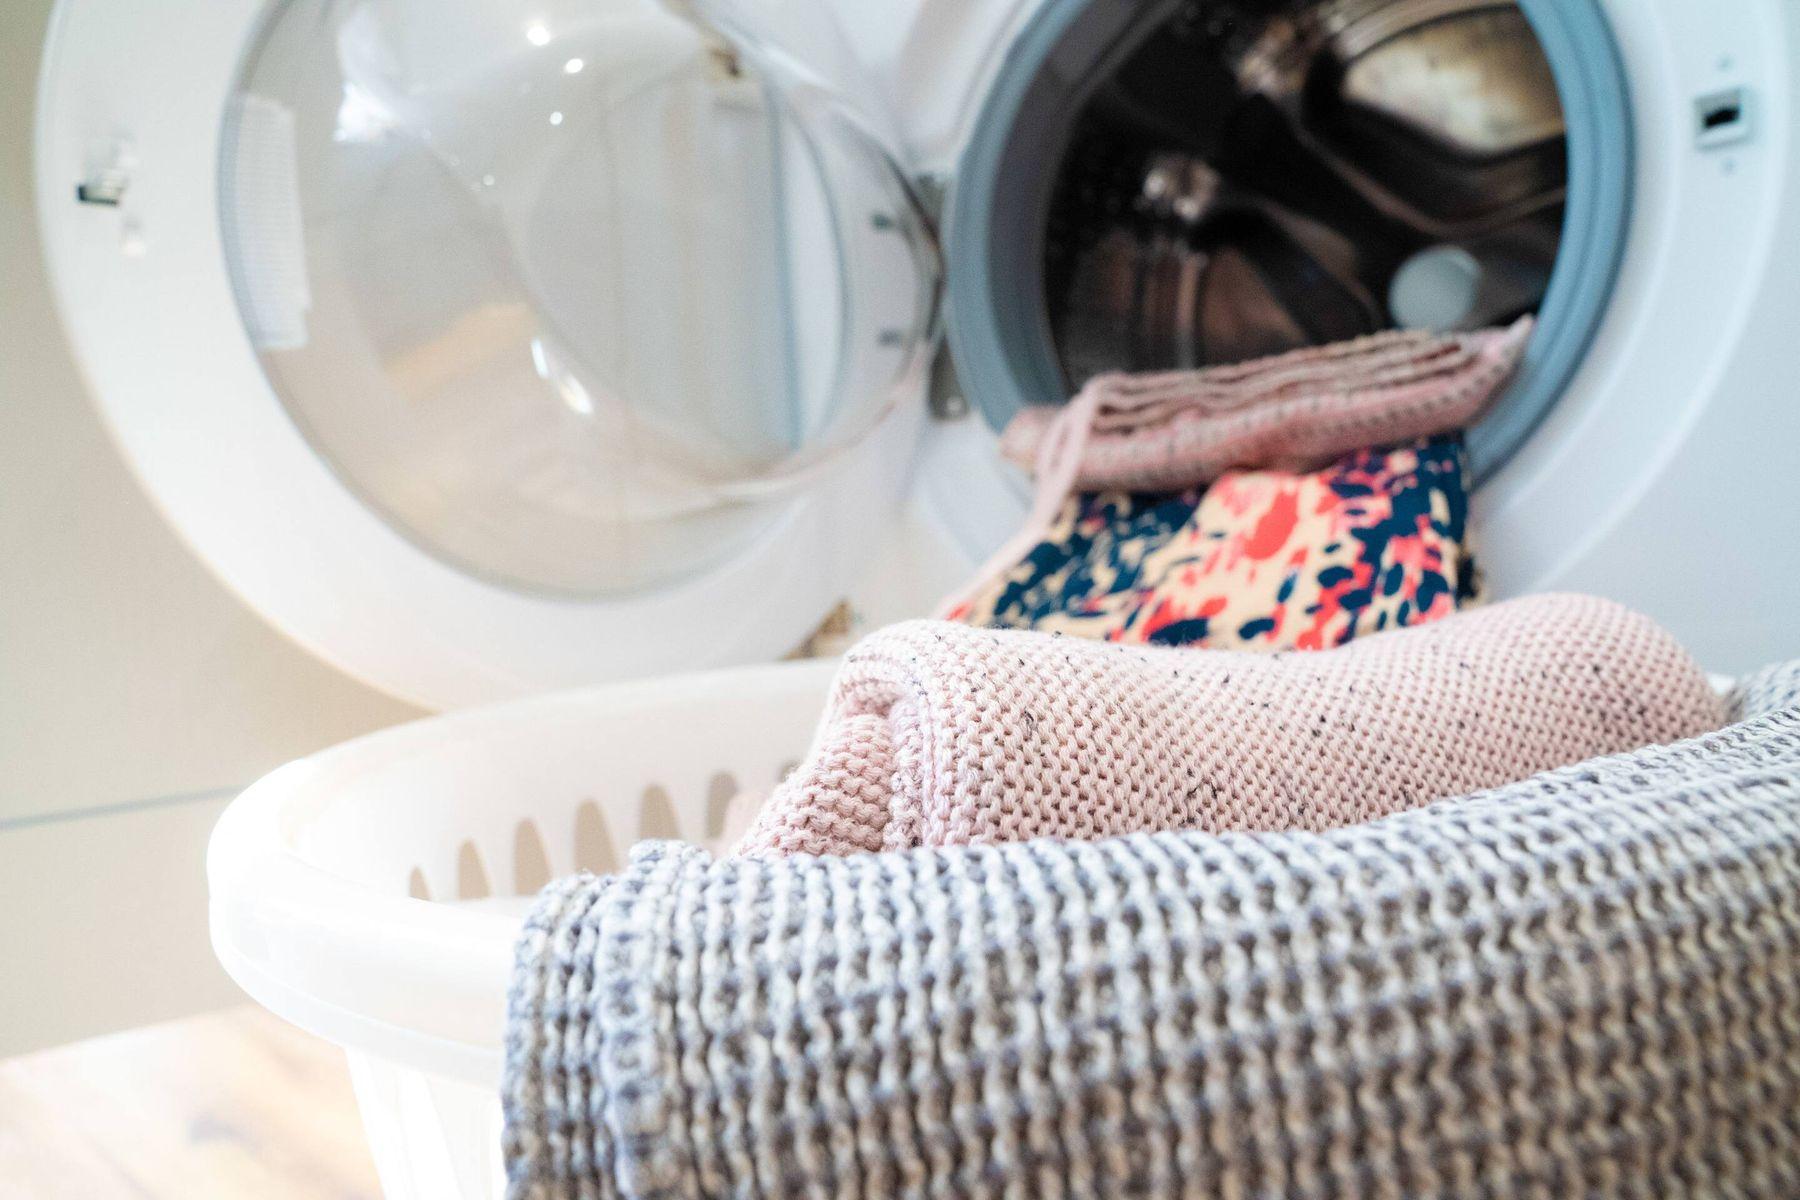 ropa dentro de la lavadora